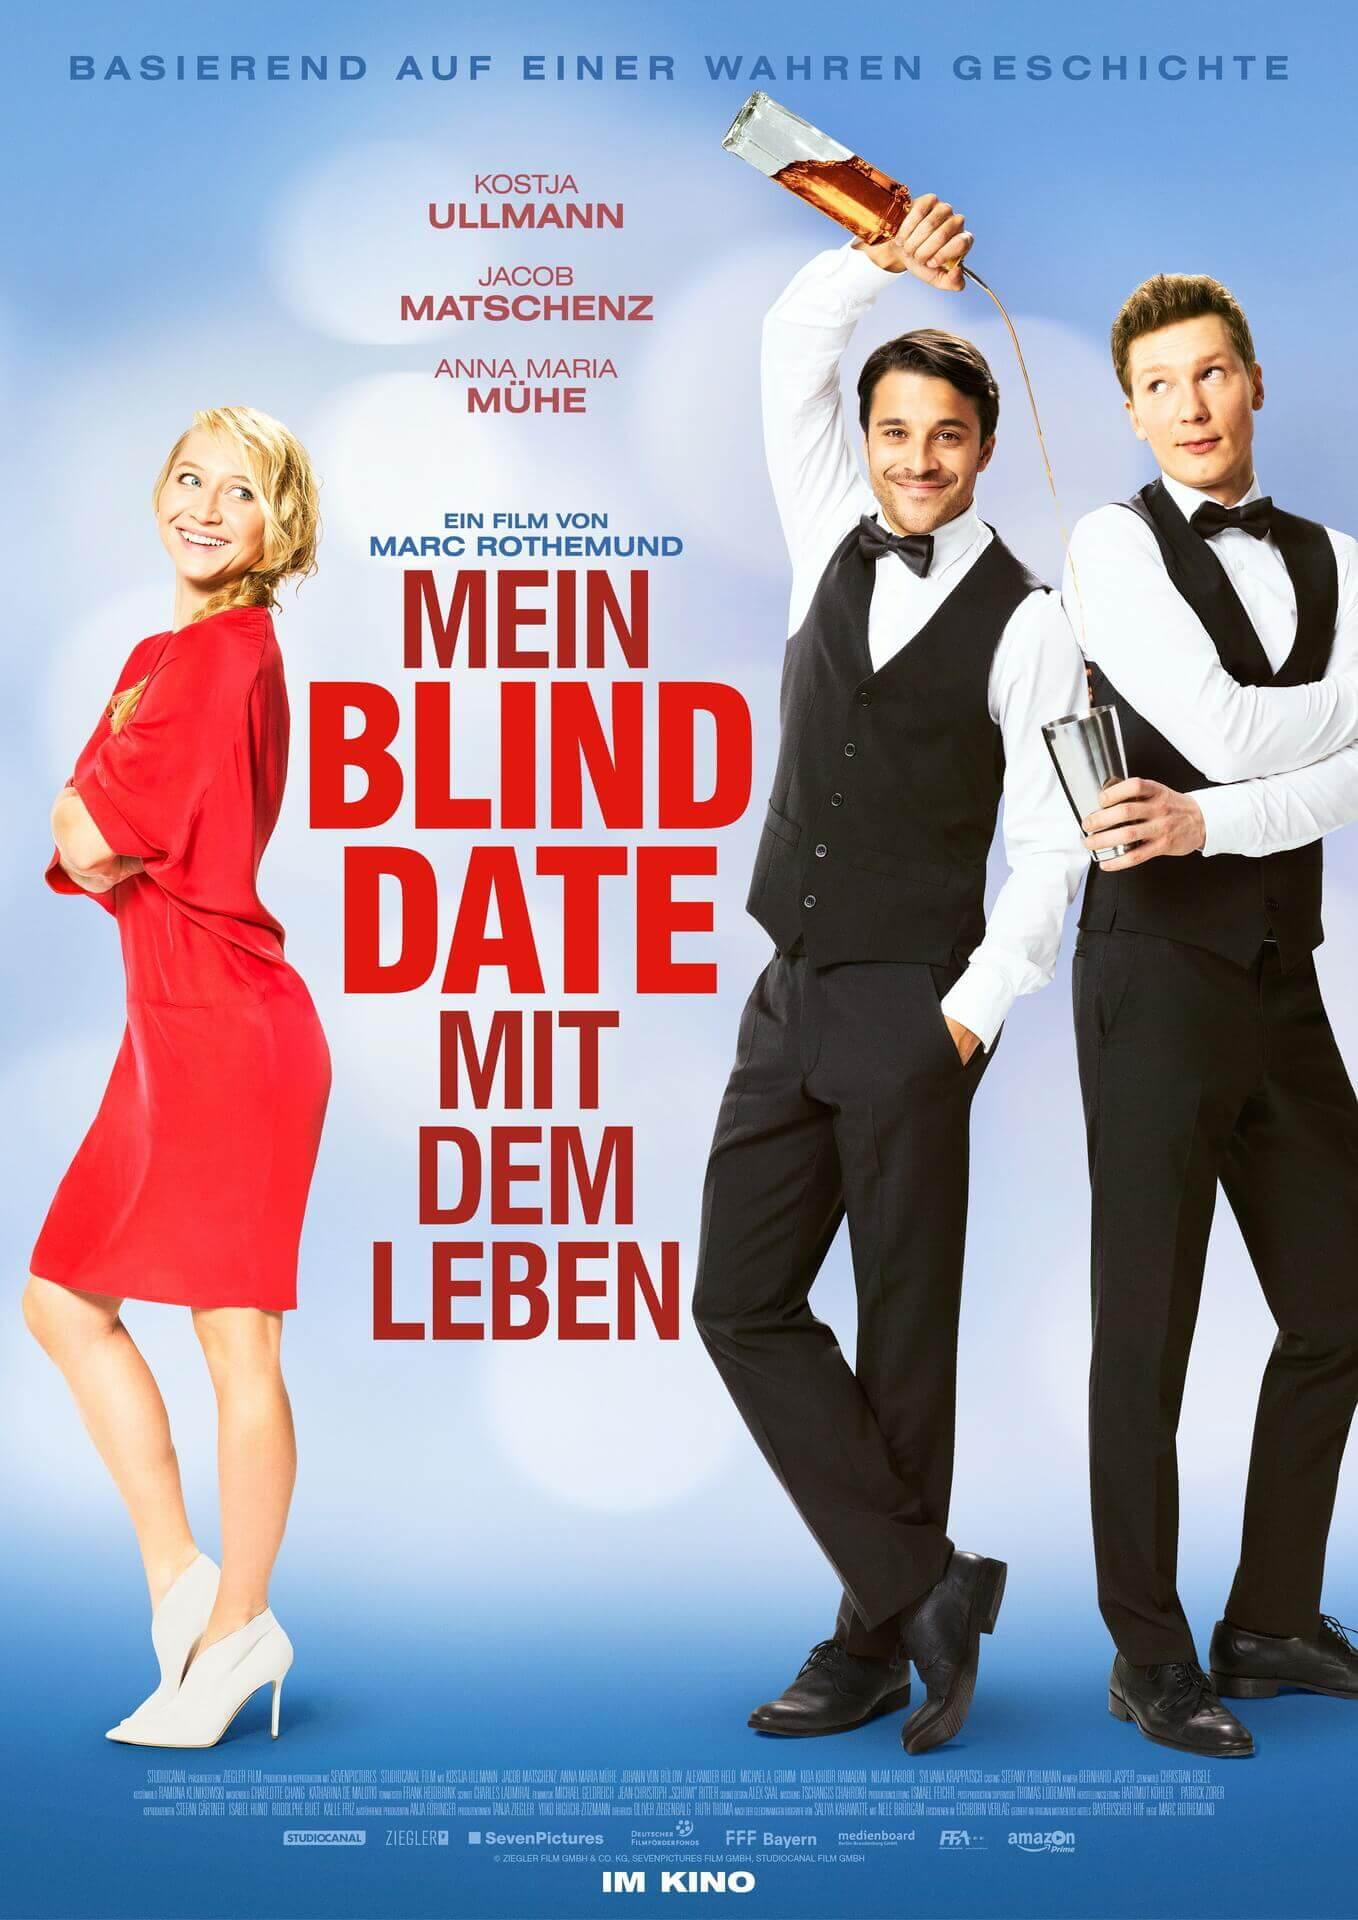 mein-blind-date-mit-dem-leben-8-rcm0x1920u